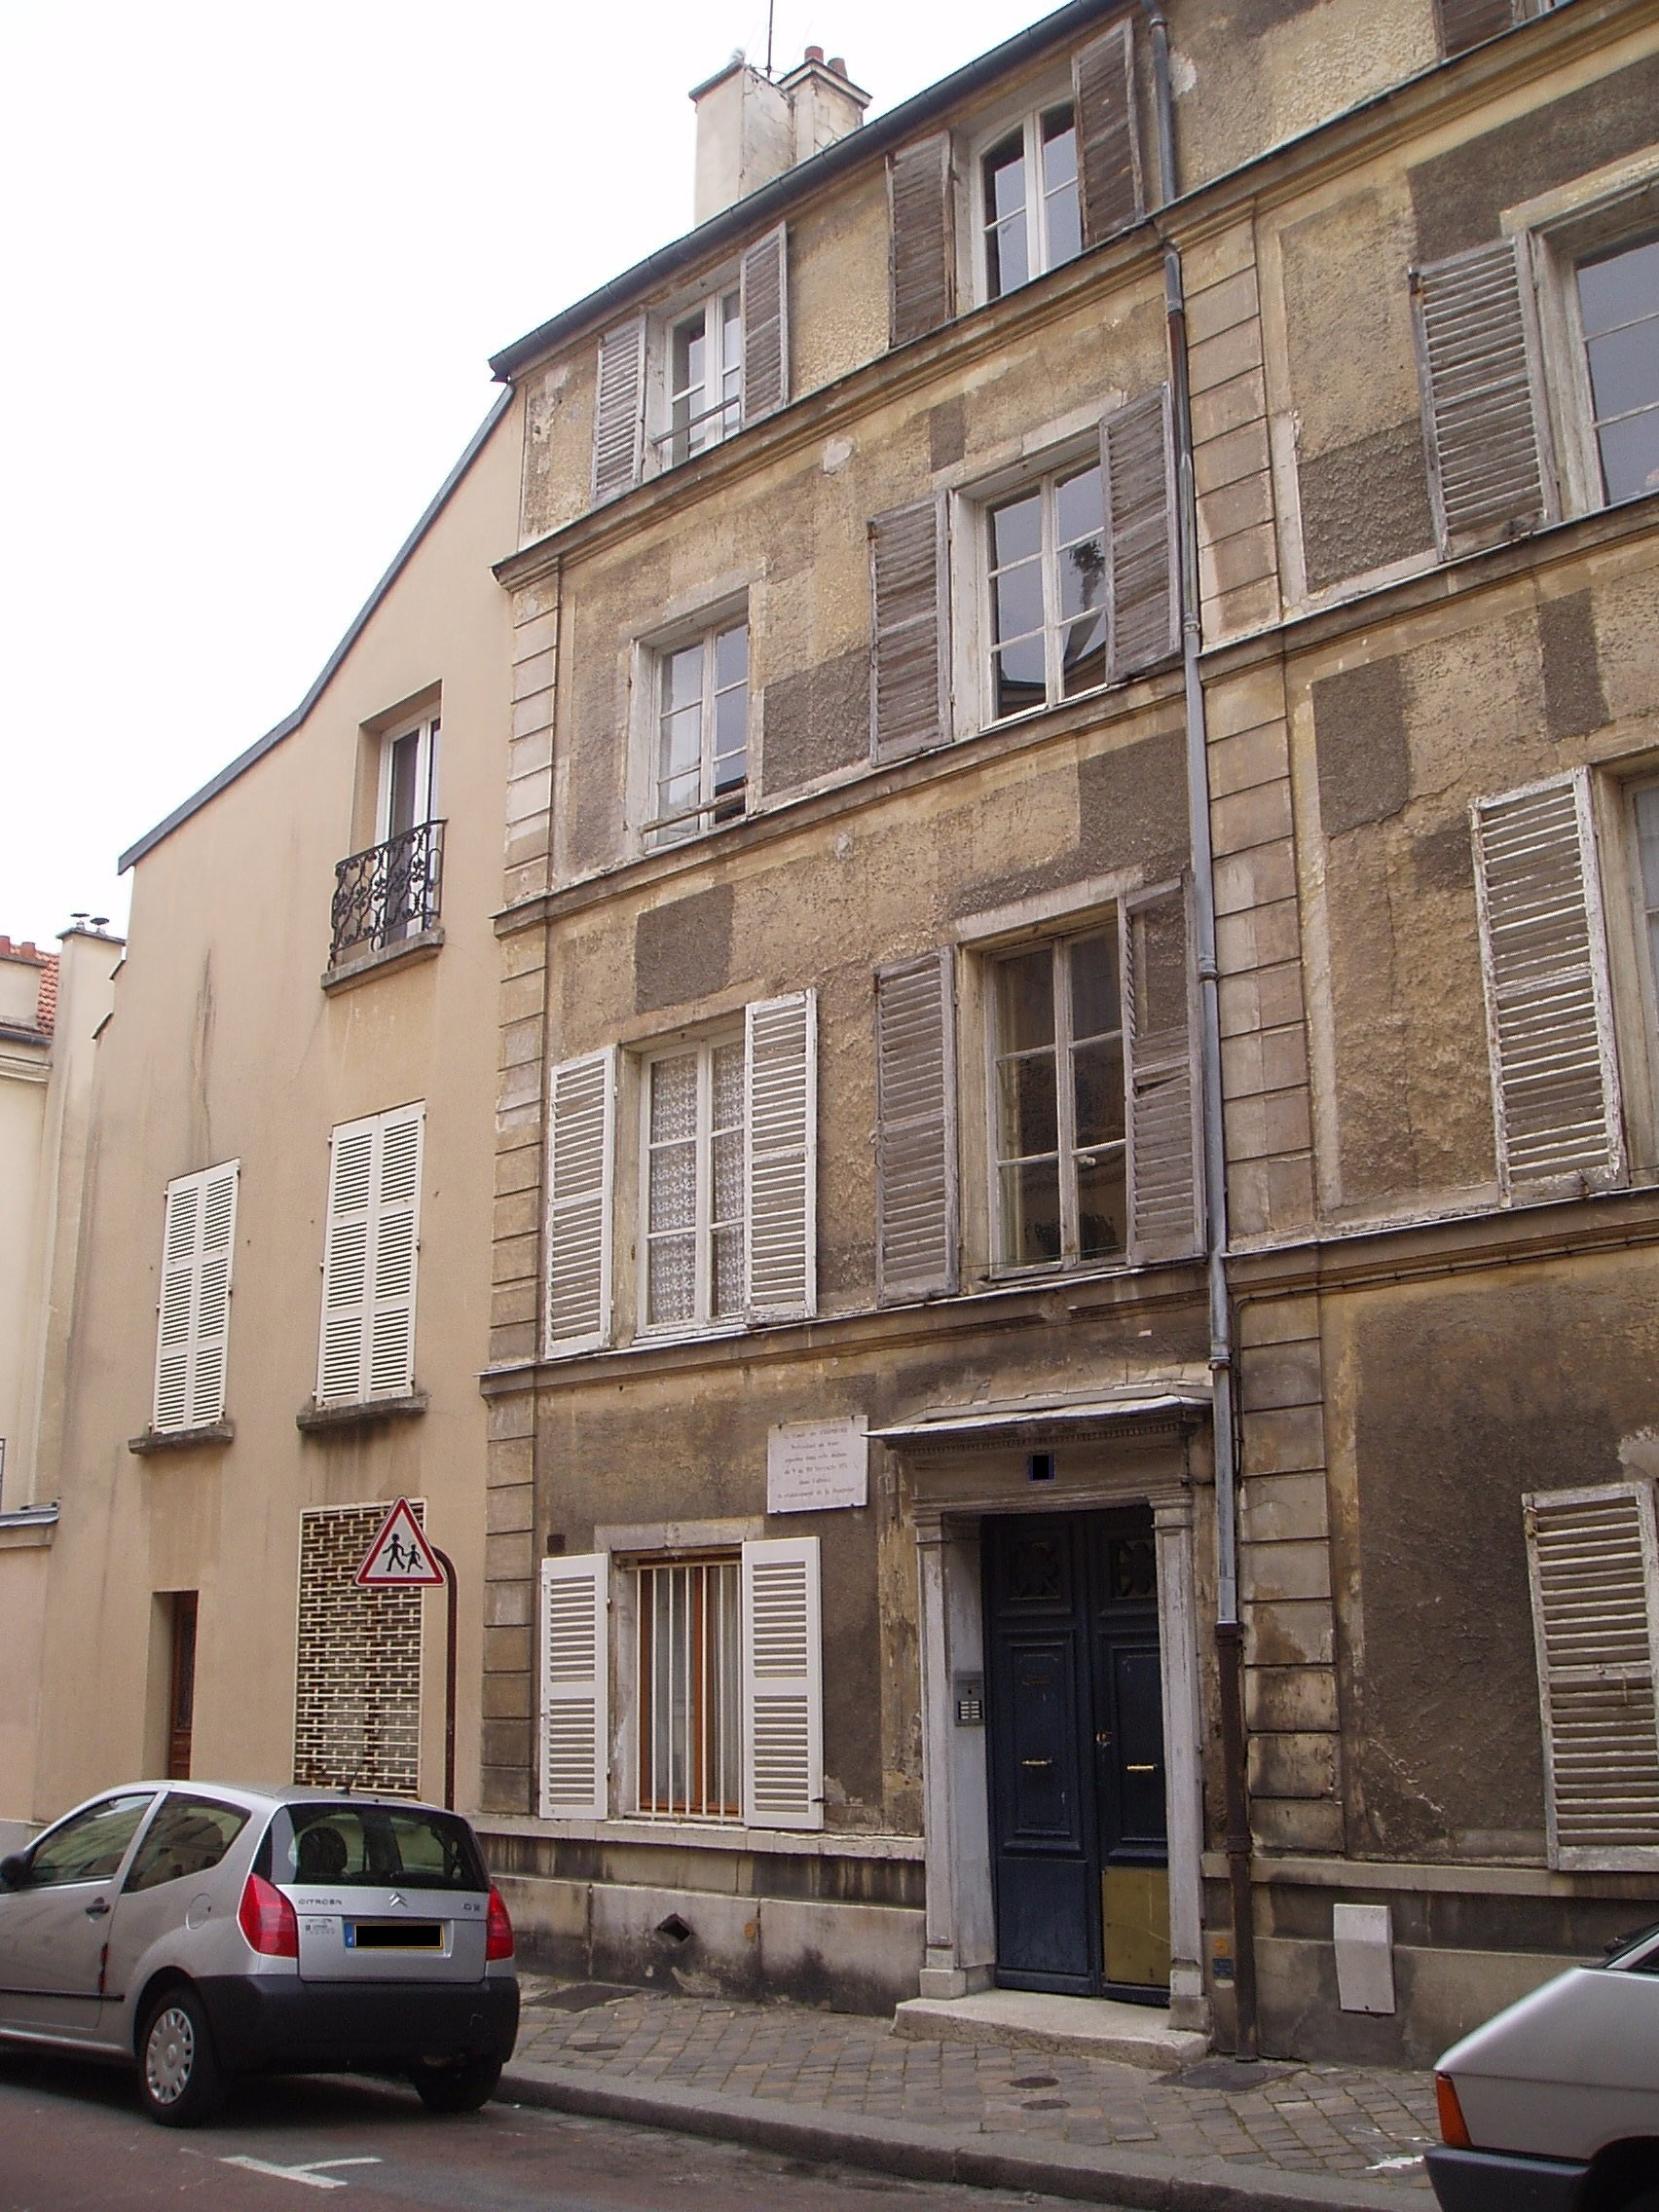 Maison où le comte de Chambord fut logé